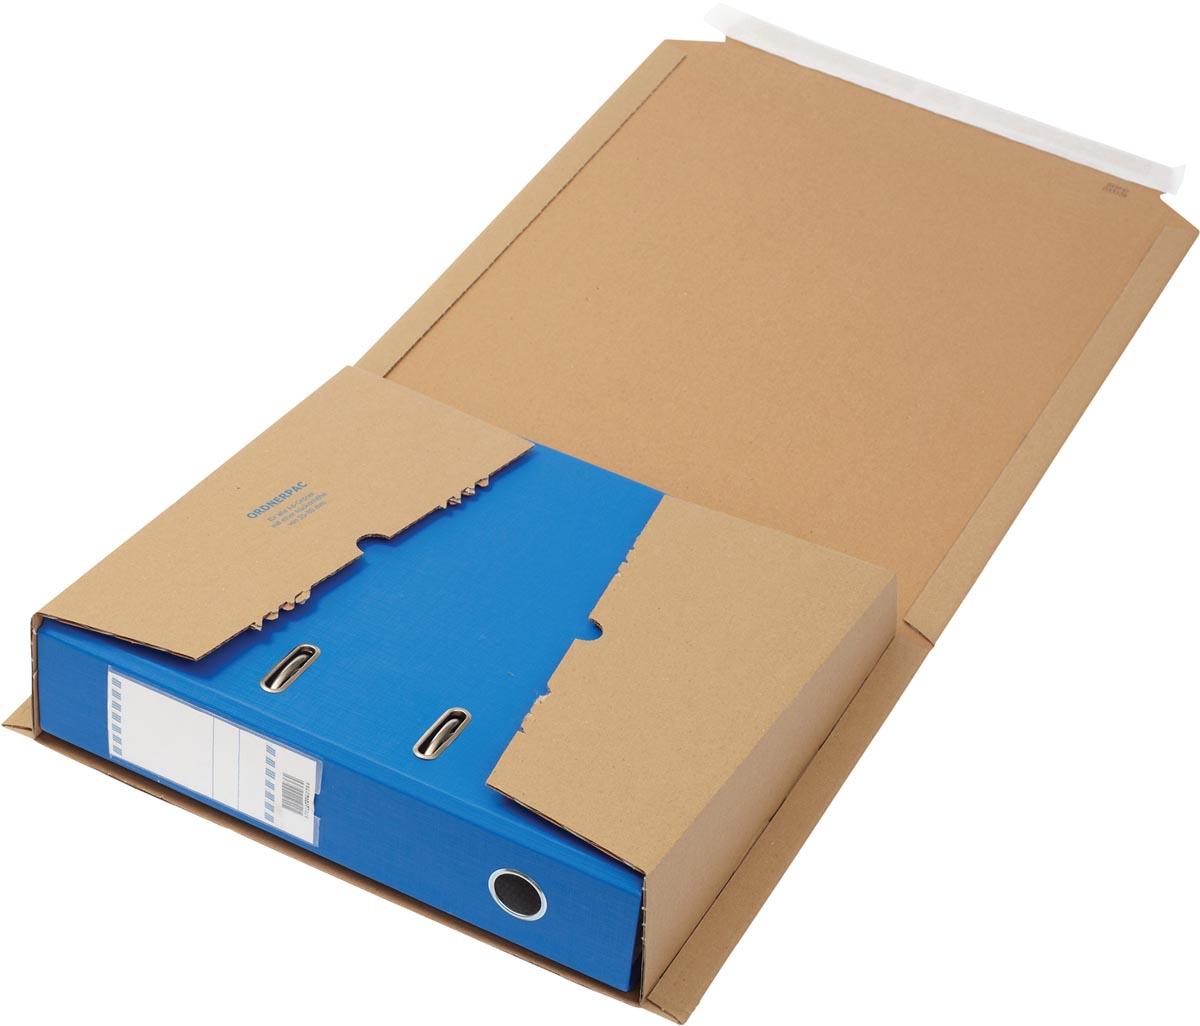 Loeff's verzenddoos voor ordners, ft 320 x 290 x 80 mm, bruin, pak 25 stuks